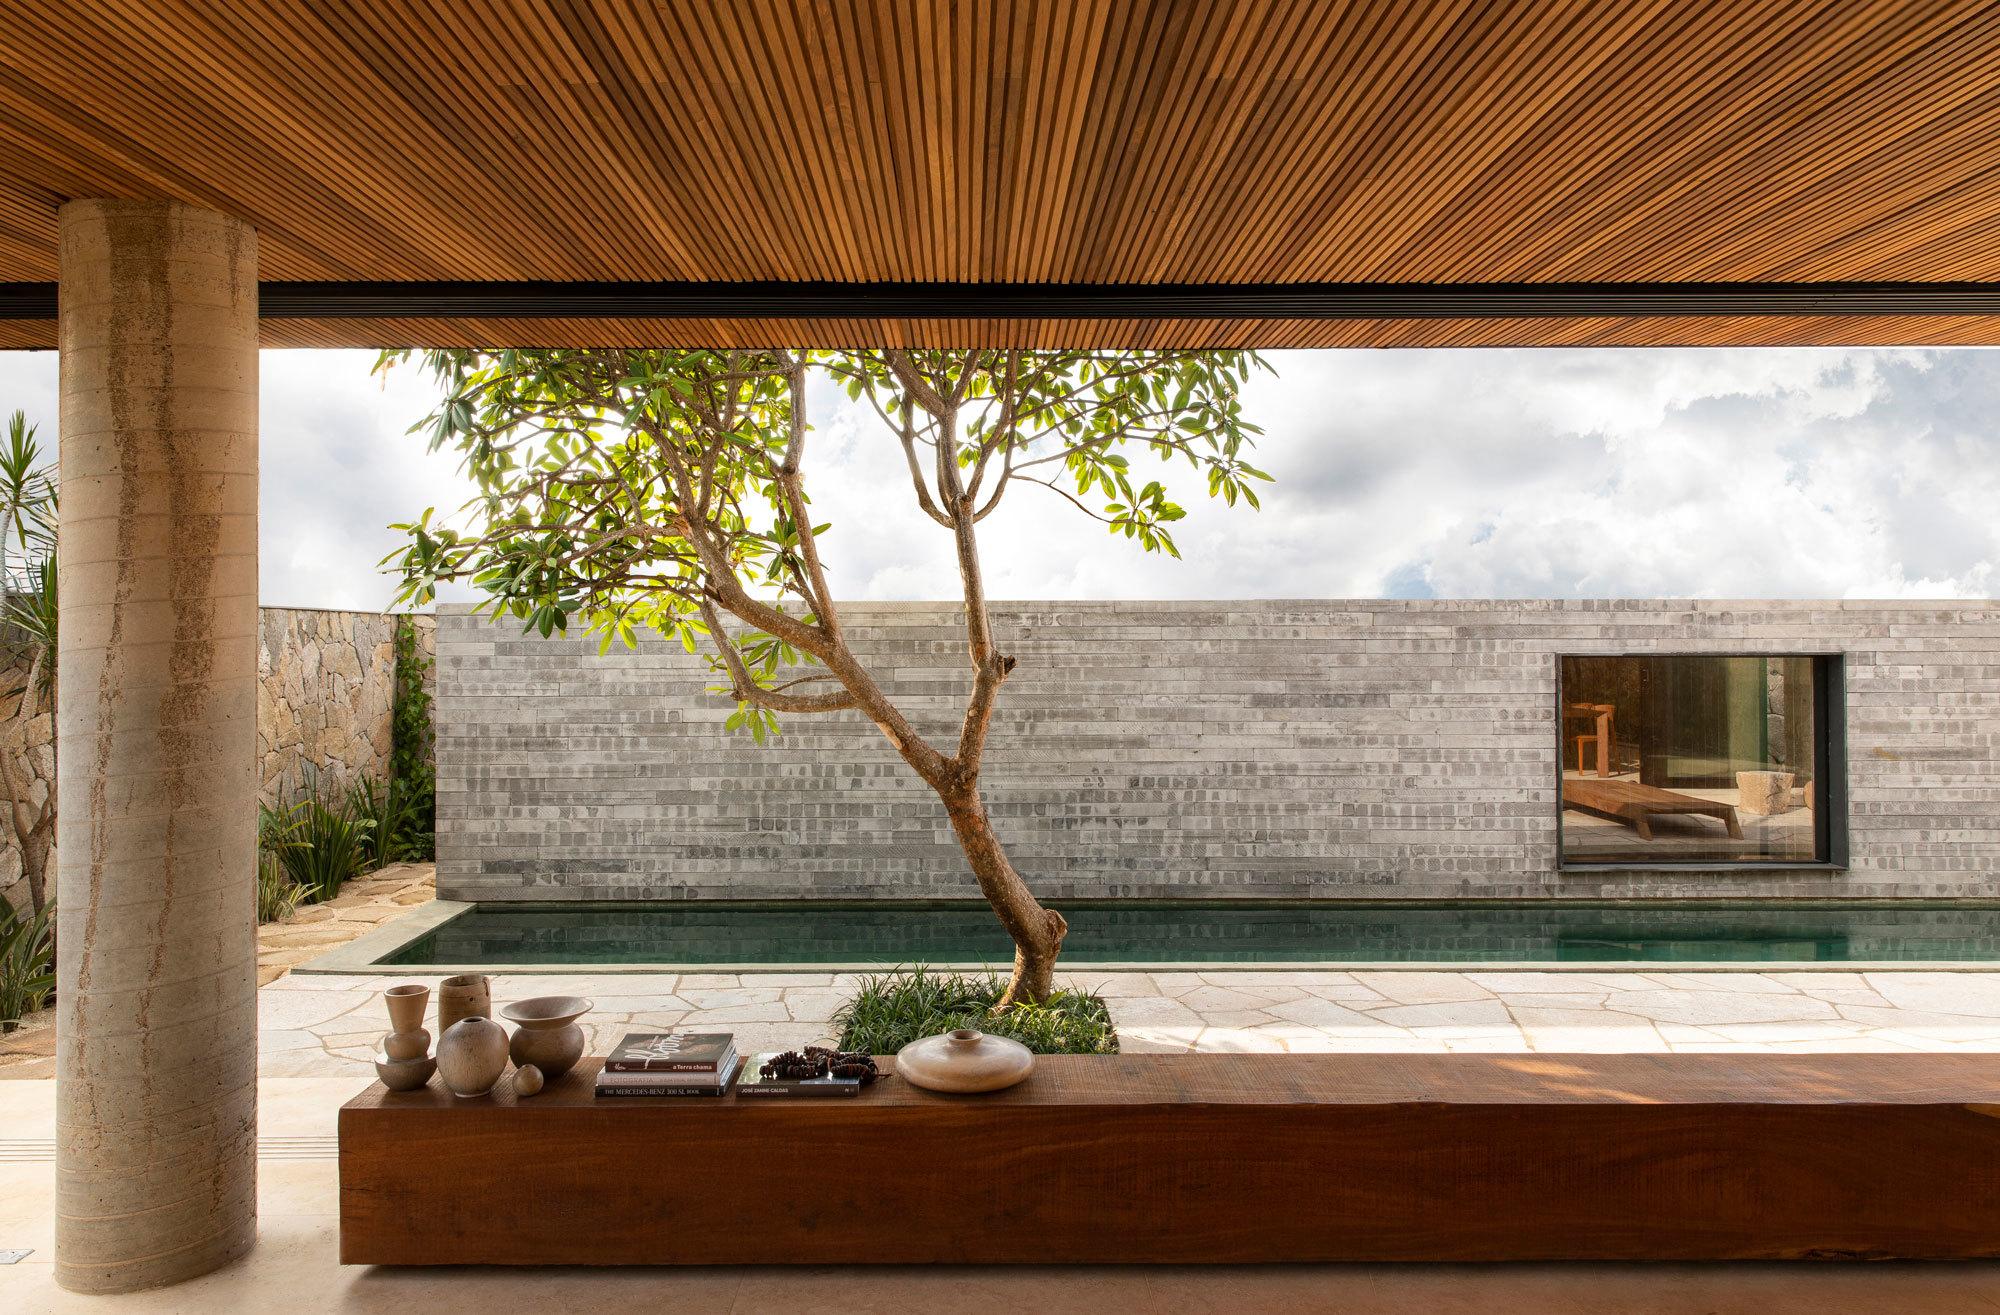 Der Pool wird von einem Gartenhaus aus Granitstein flankiert. Darin befindet sich die Sauna.